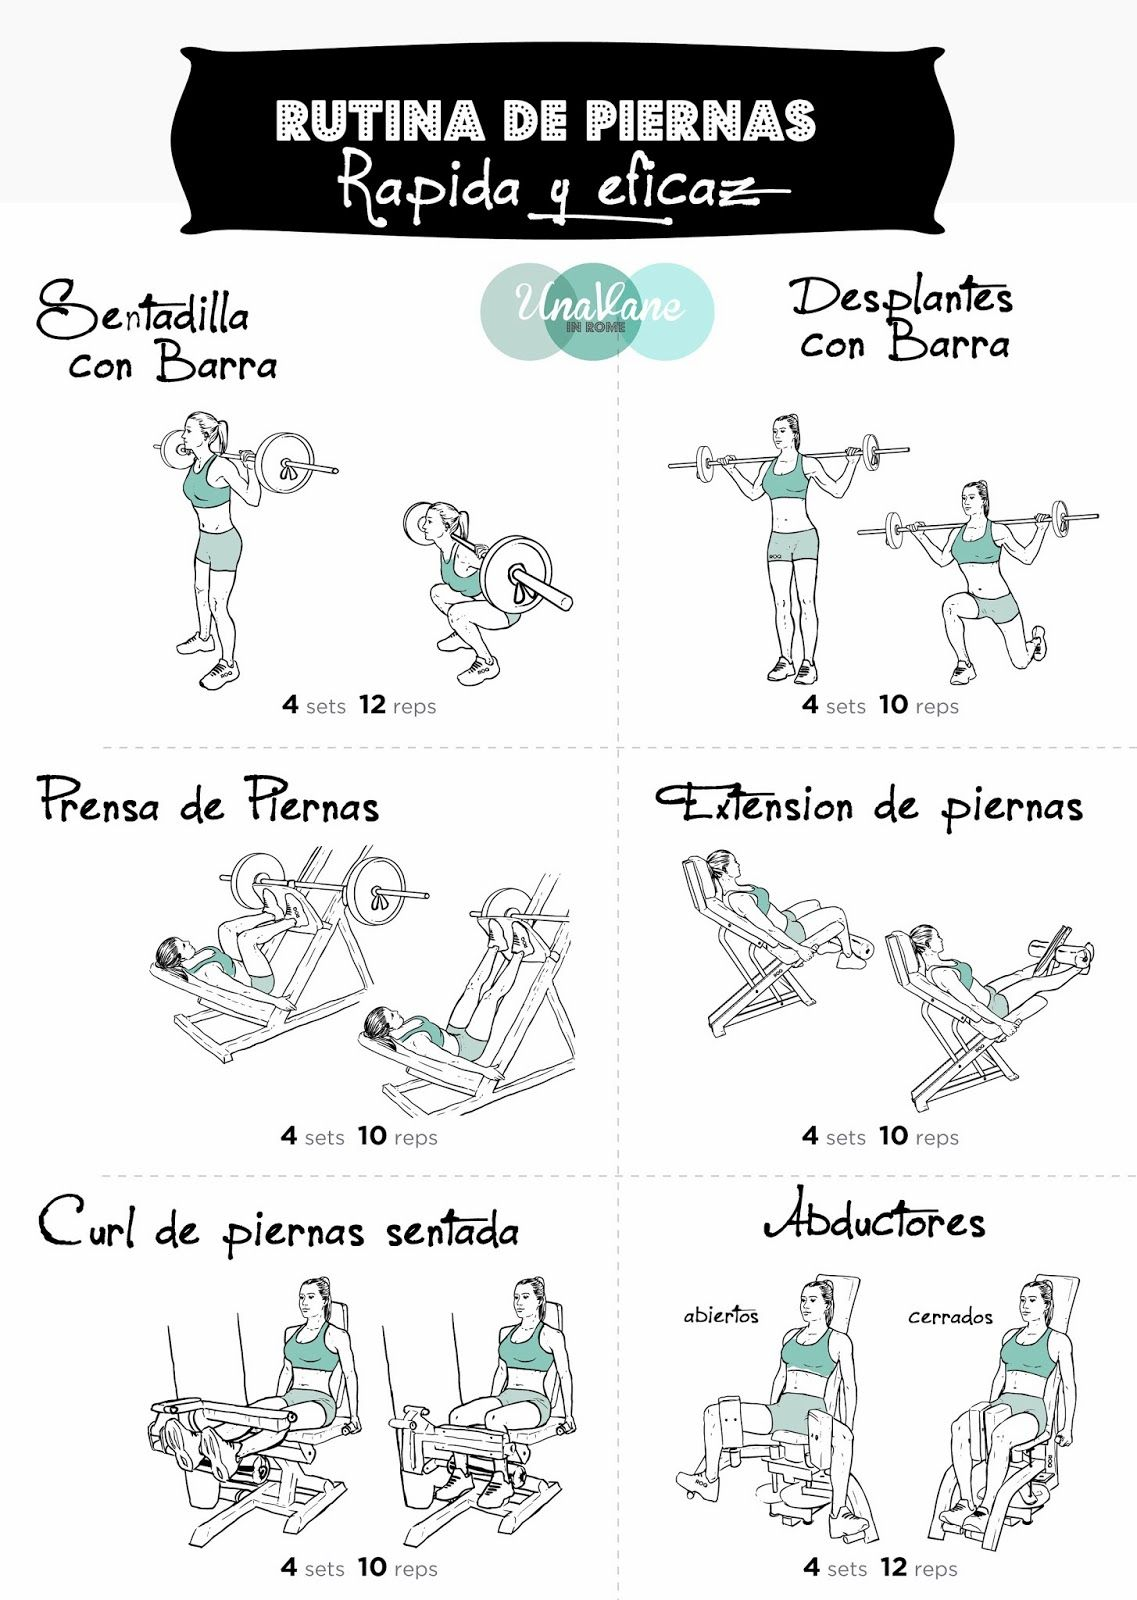 Una vane in rome rutina de piernas rapida y eficaz for Rutinas gimnasio